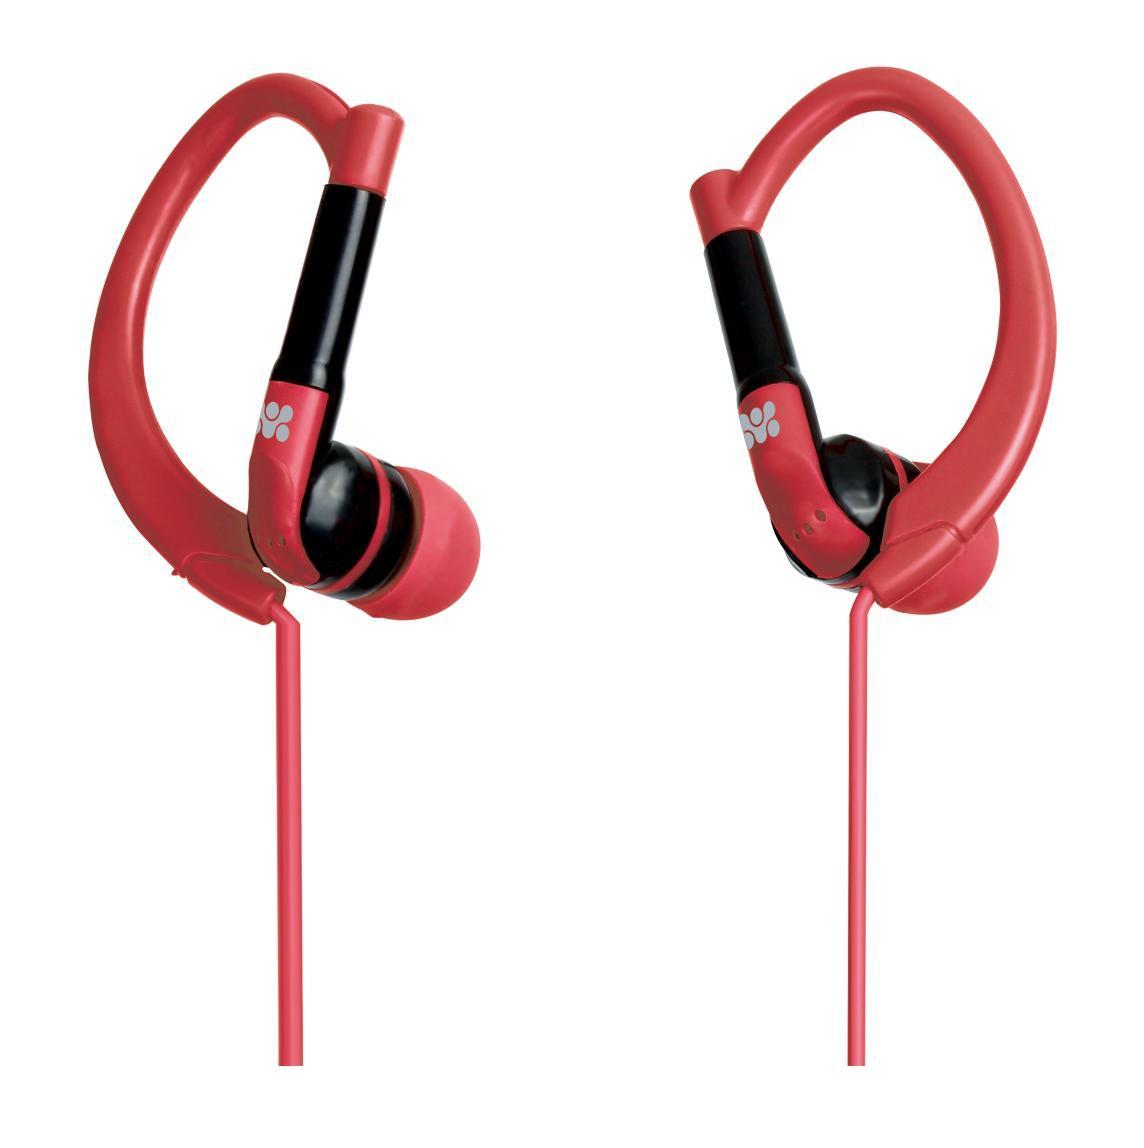 Promate Gaudy, Red наушники00007369Подсоедините свой смартфон абсолютно новым образом с новыми наушниками Gaudy. Эти наушники специально разработаны для людей, ведущих активный образ жизни. Маленькие, но мощные - динамики дают чистый и полный звук. Четыре фута (1,2 метра) провода, встроенный микрофон и универсальная кнопка управления вызовами, а также совместимость со всеми аудио устройствами, имеющими аудио выход 3,5 мм- делают его незаменимым помощником на каждый день!